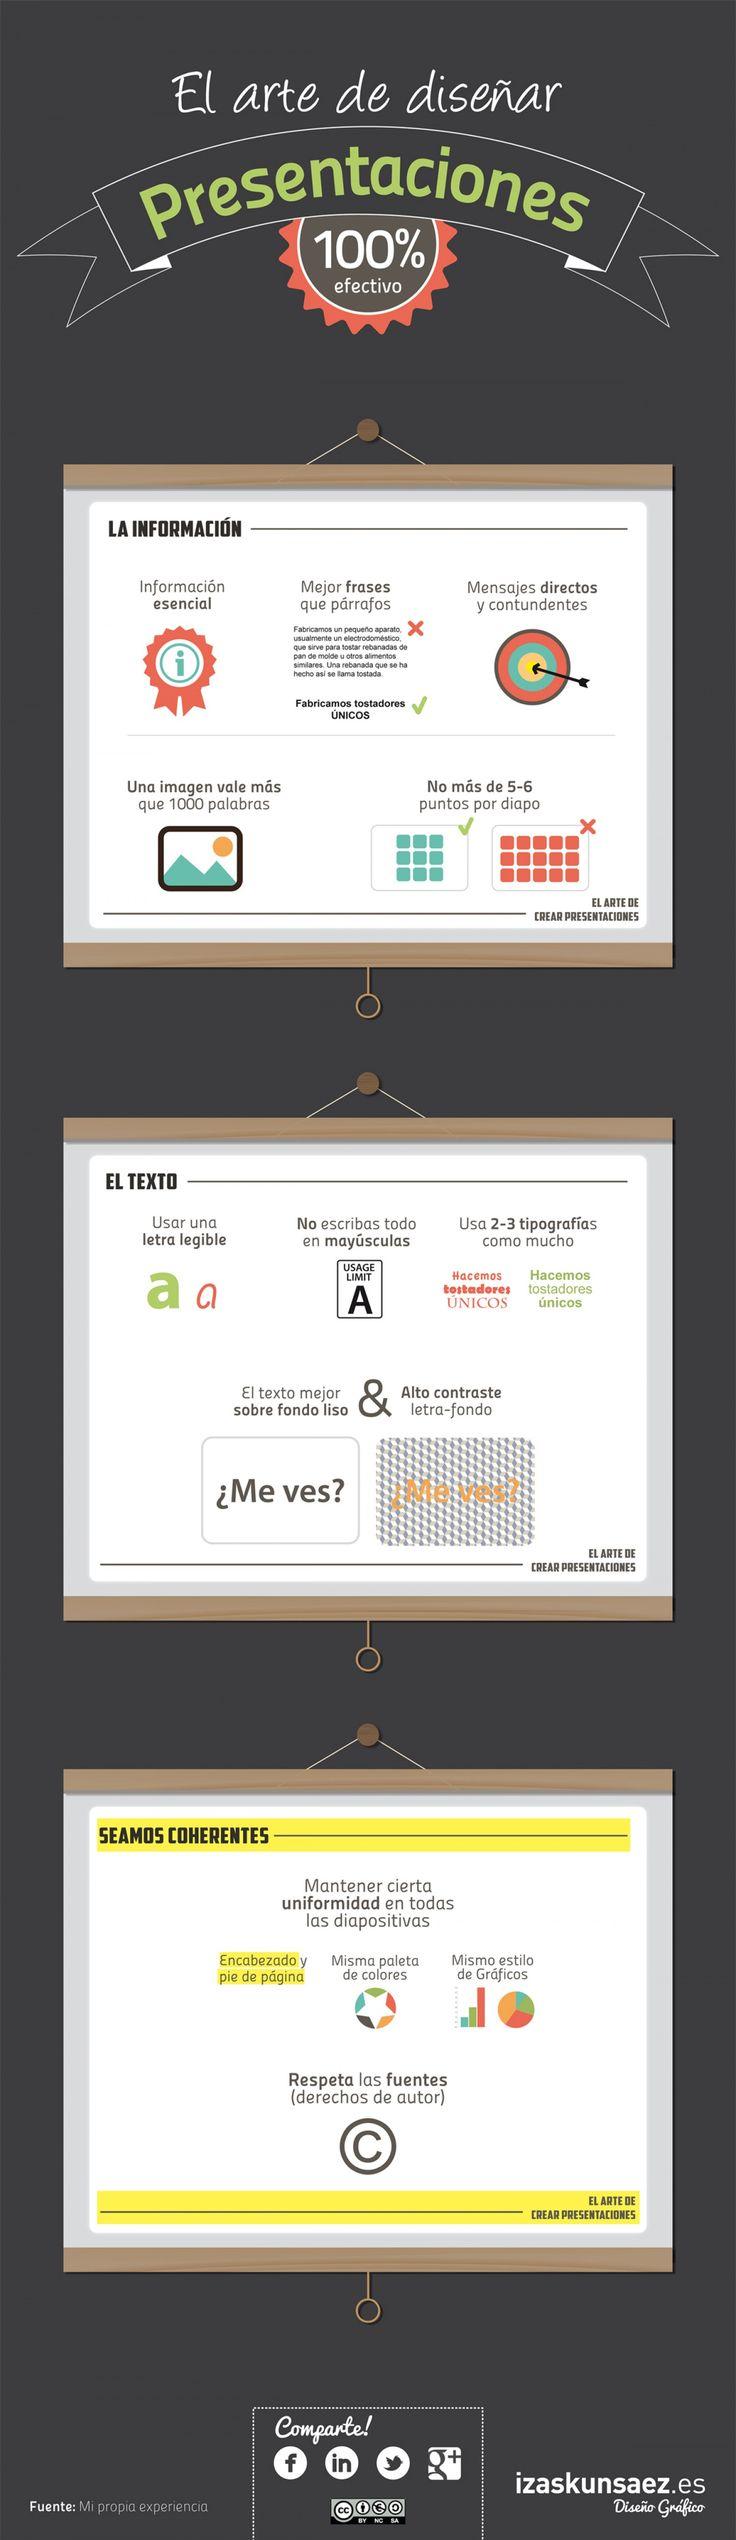 El arte de diseñar buenas presentaciones / The art of designing good presentations Infographic